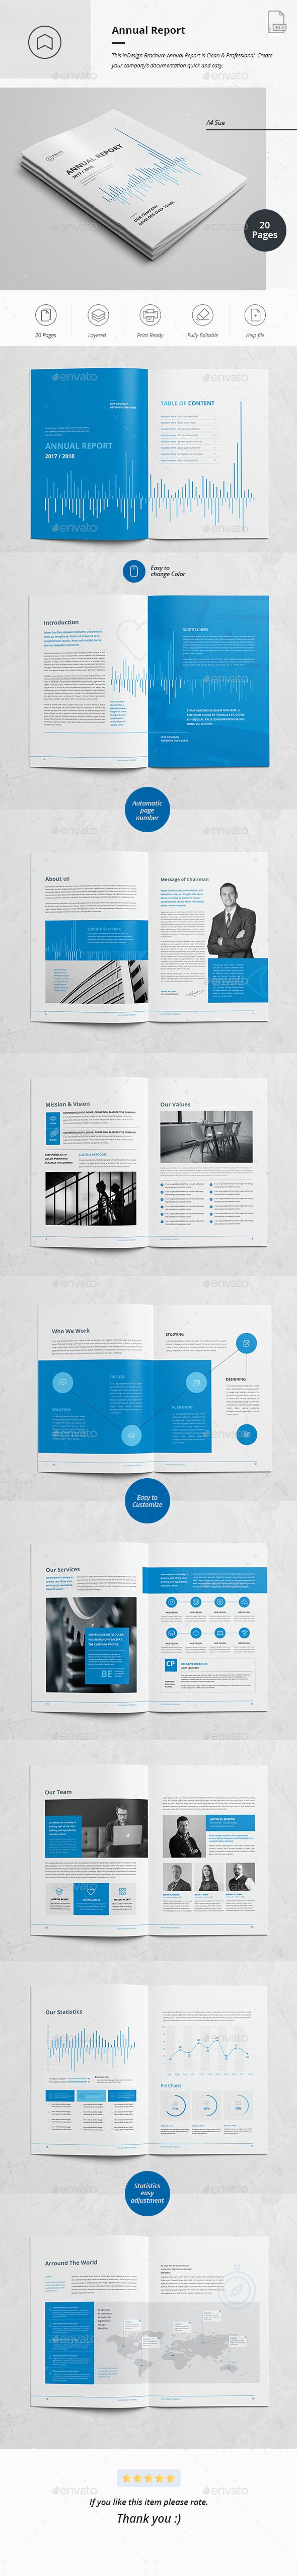 GraphicRiver Annual Report 20988331